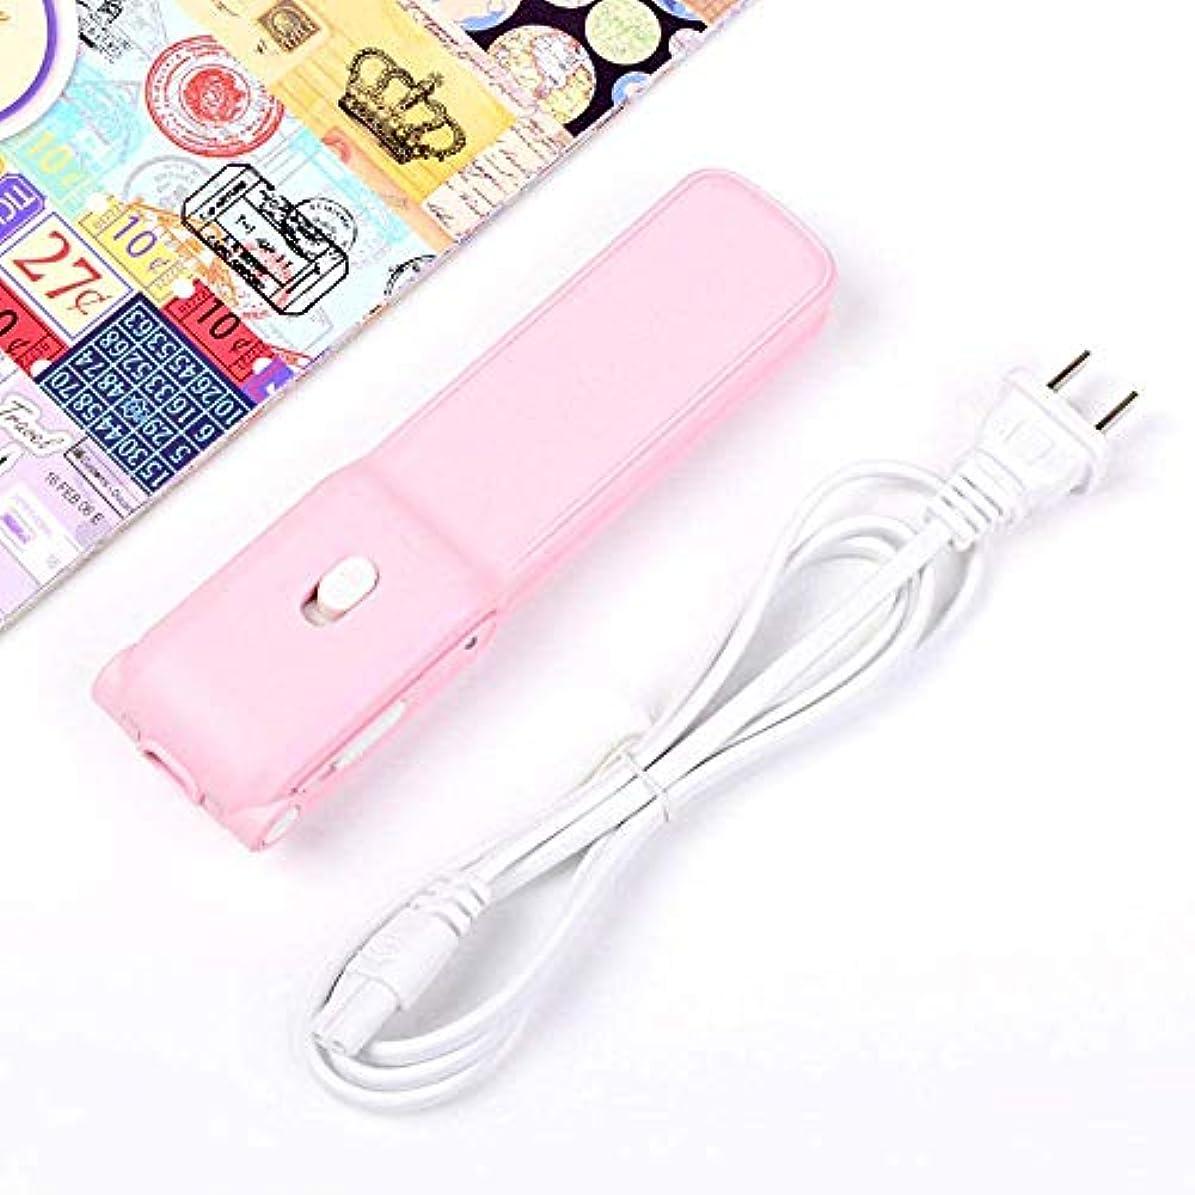 おじいちゃん化学者車ストレートヘアアイロン/カーラー クリエイティブかわいいミニウェットとドライの広いプレート電気スプリント (Color : Pink)